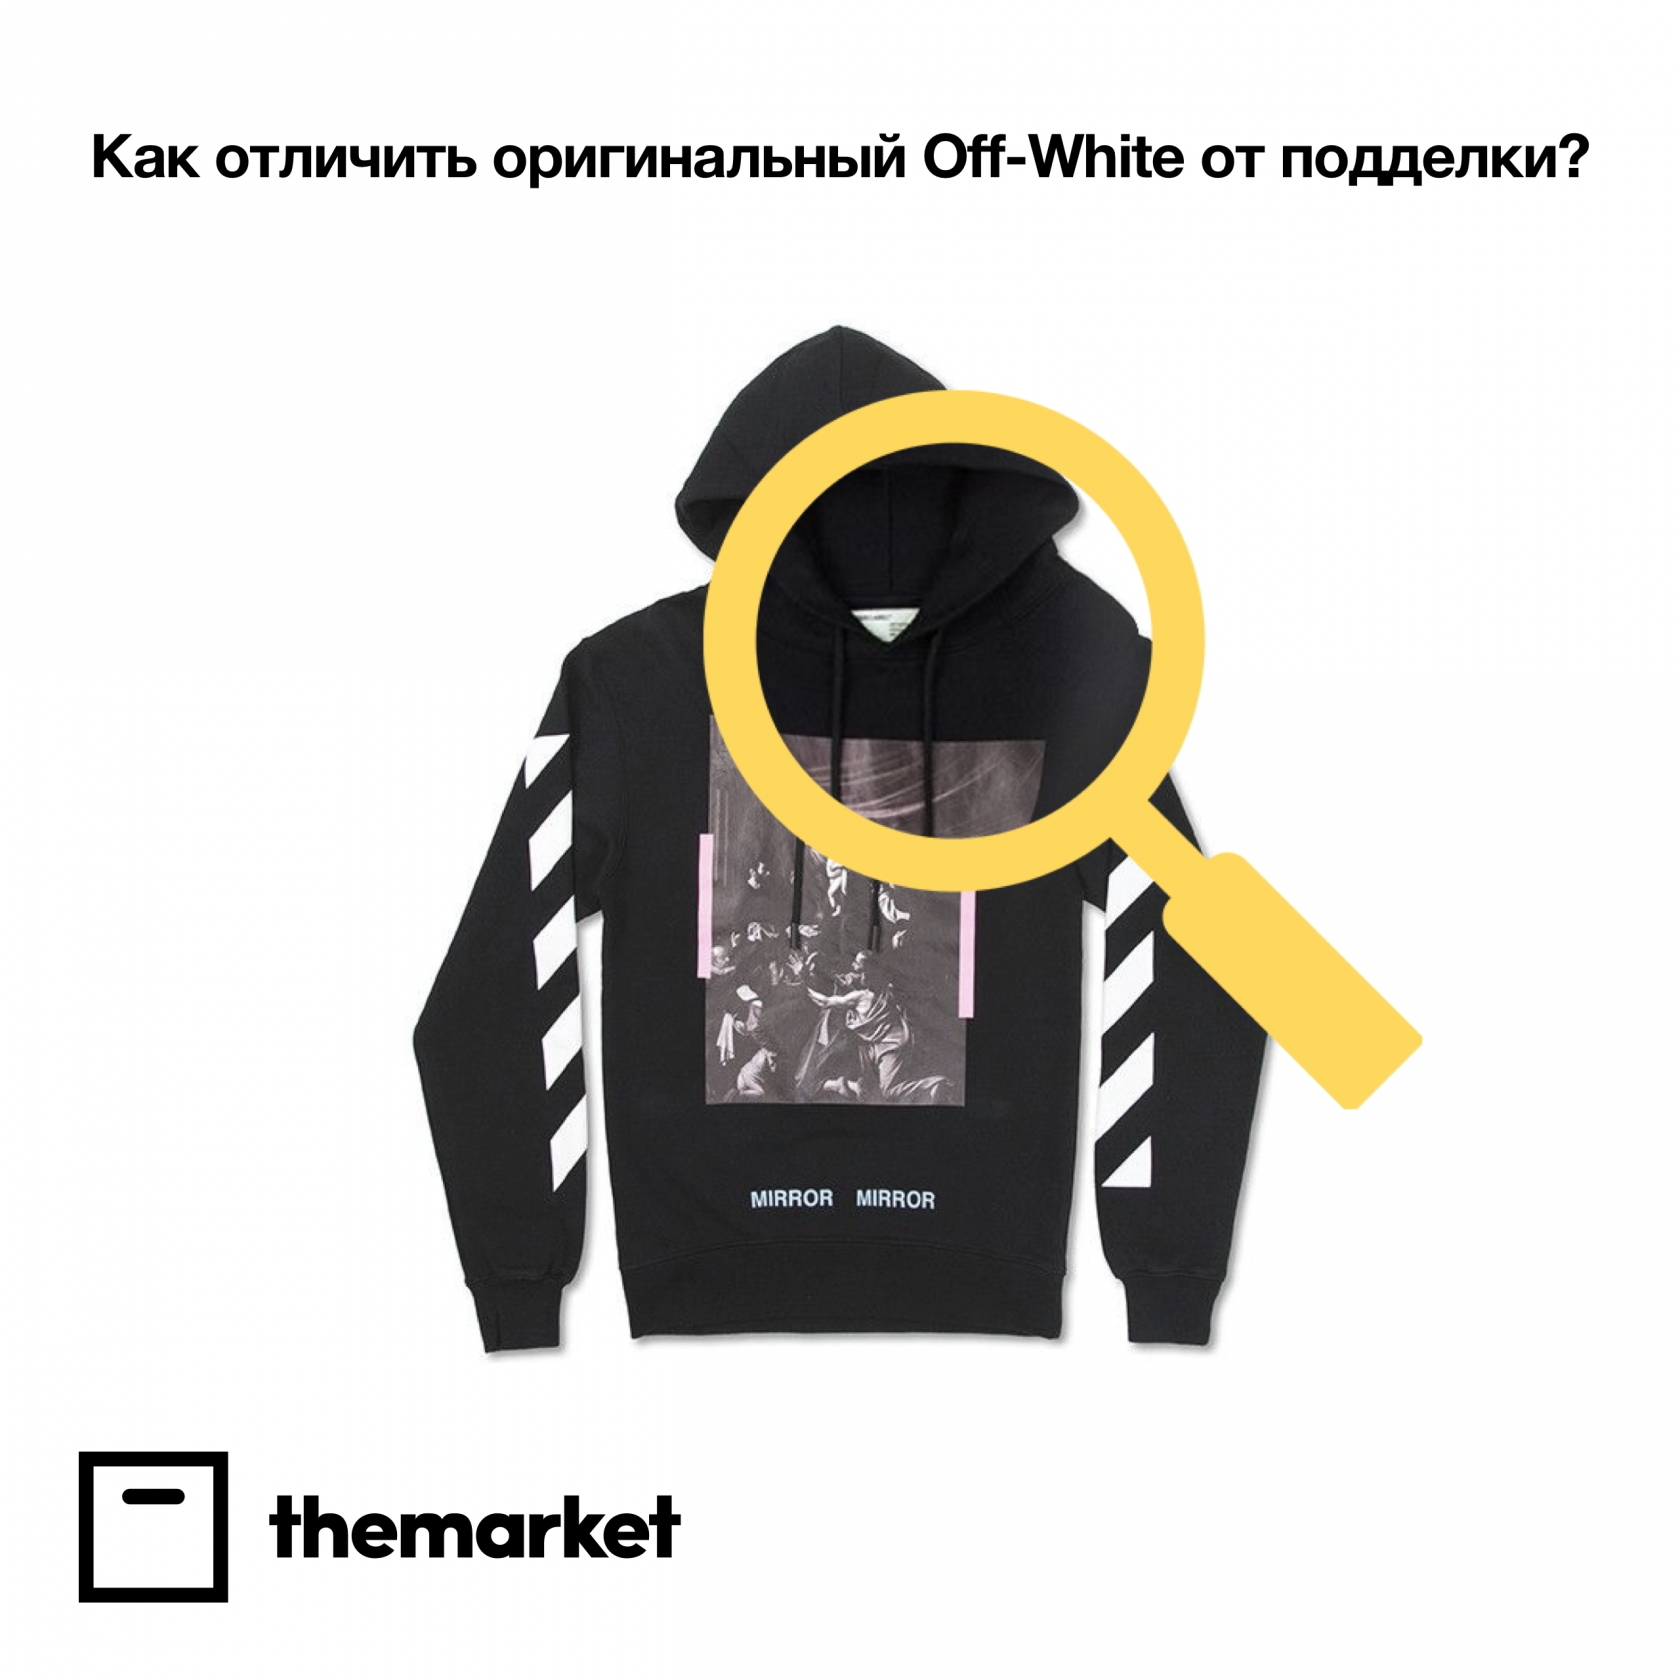 6ad79e3ec95a Как отличить оригинальный Off-White от подделки?